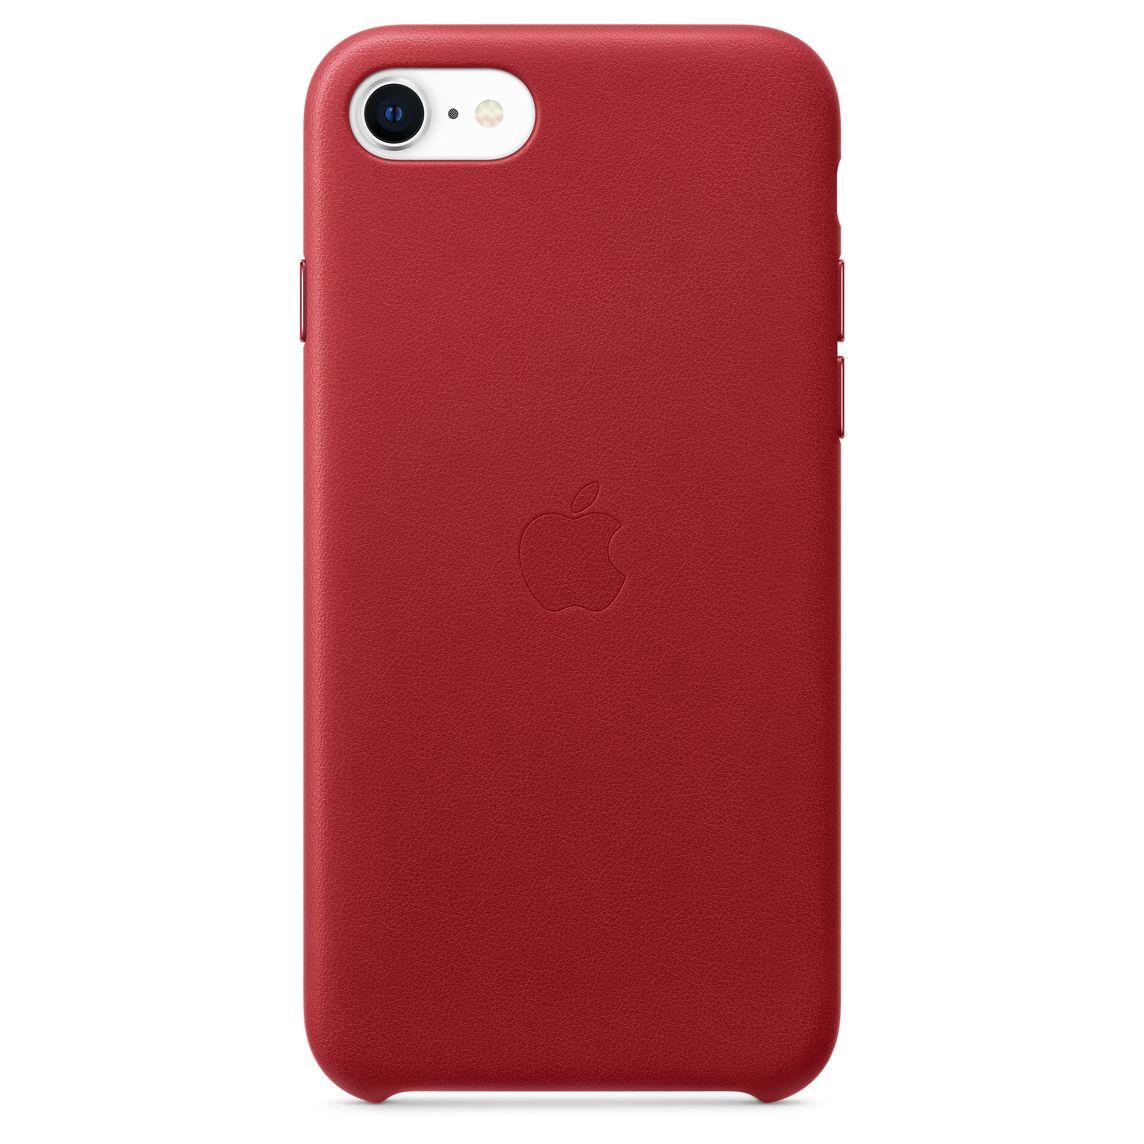 Étui en cuir pour iPhone SE - (PRODUCT)RED